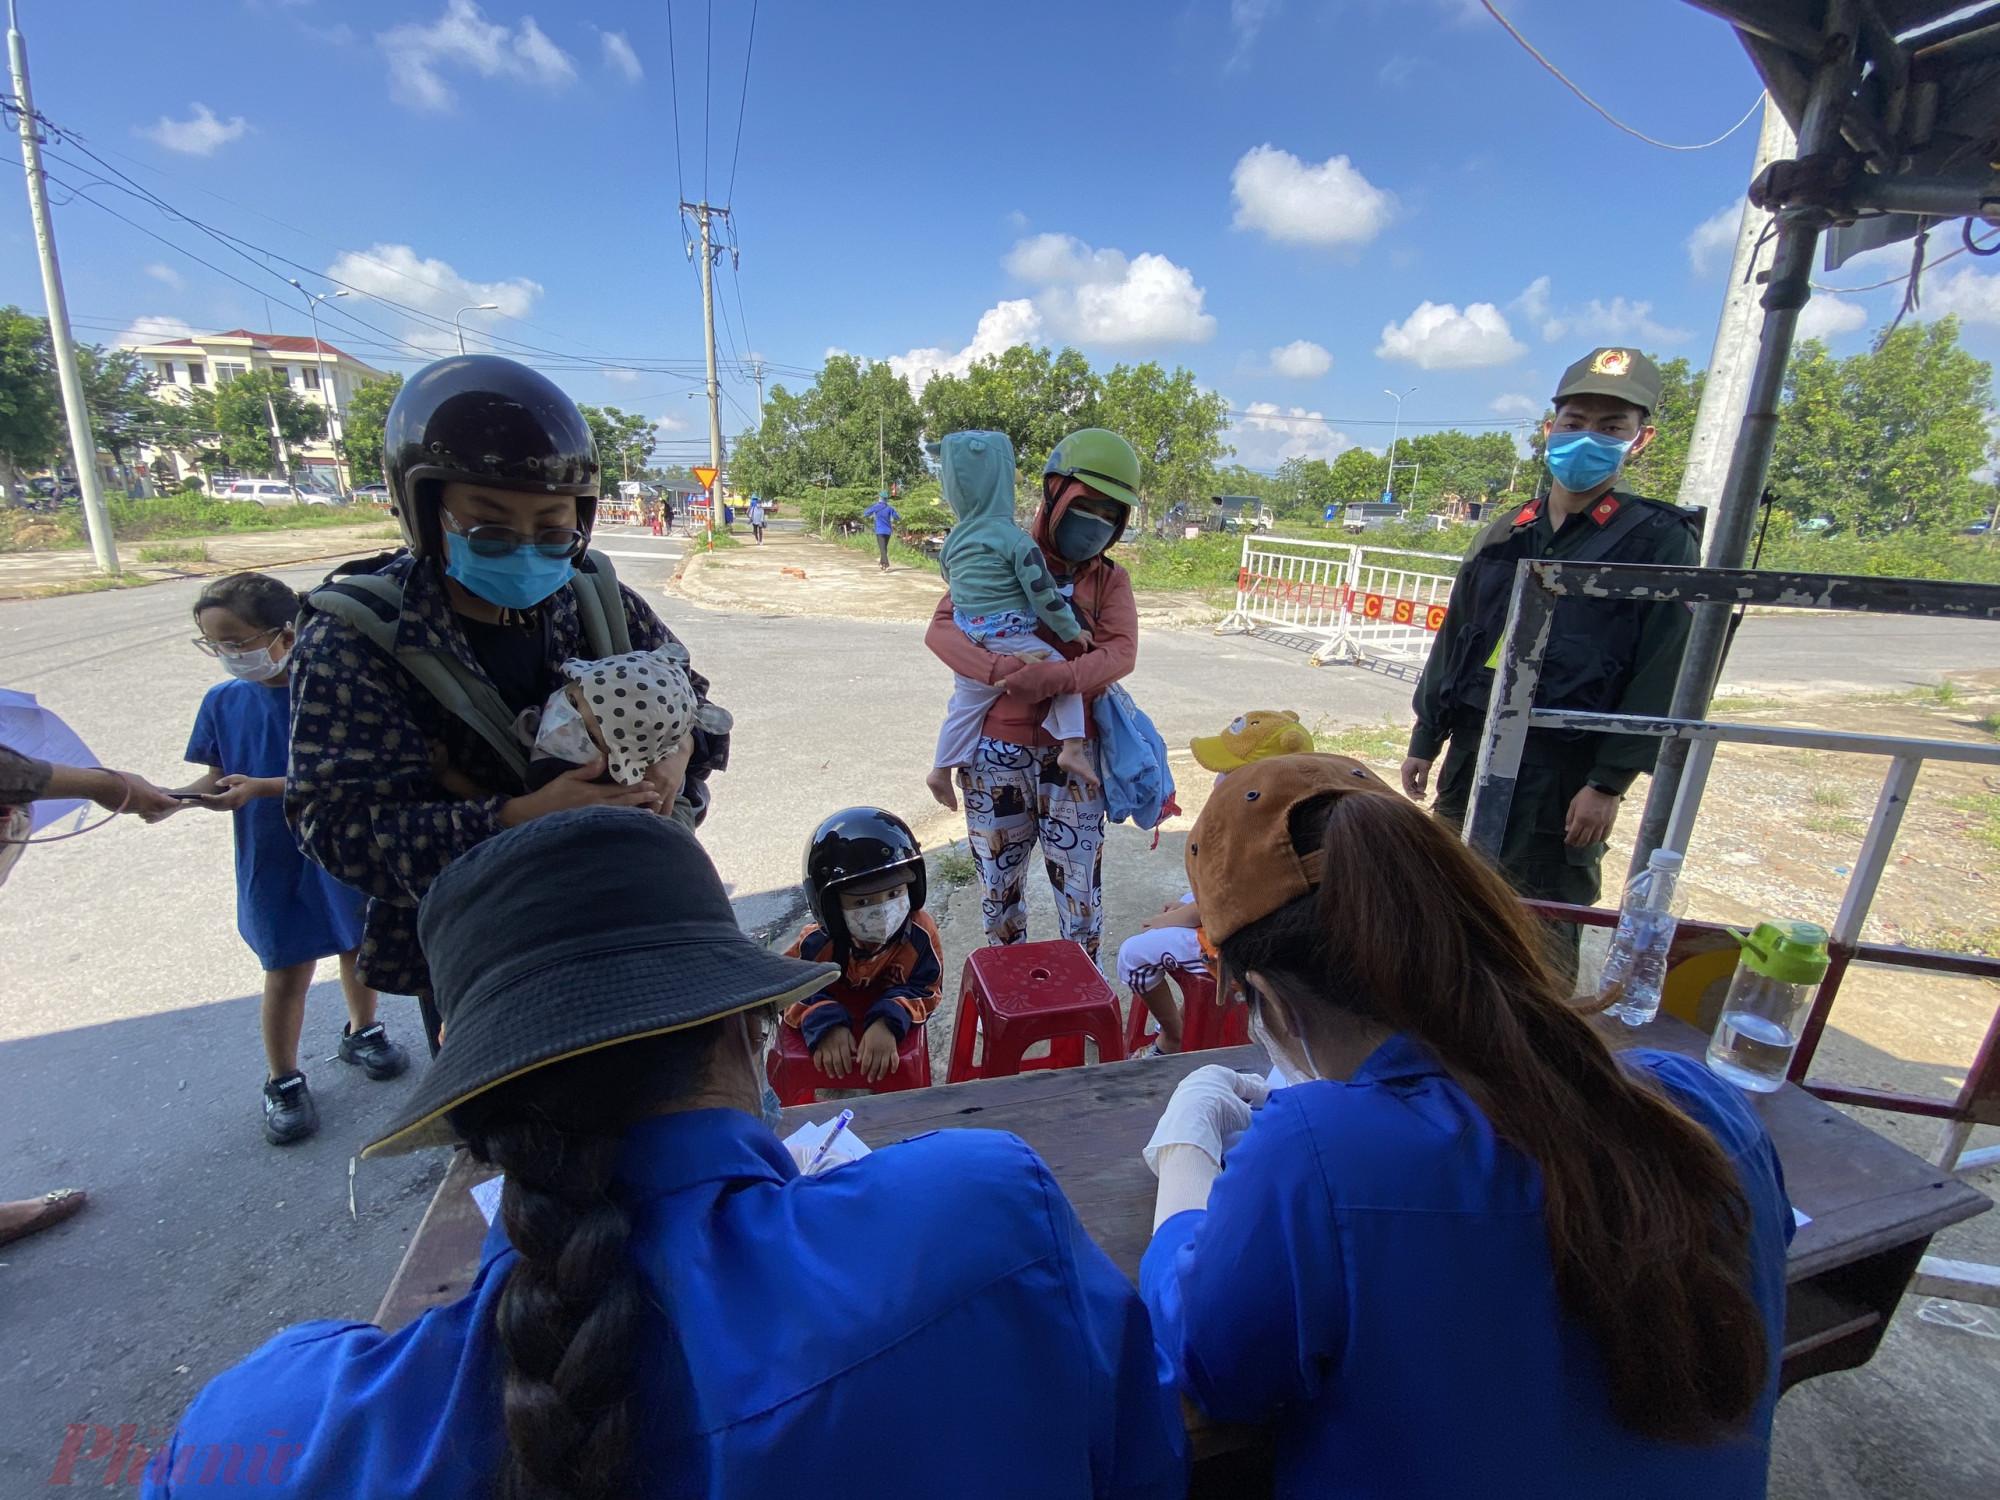 Nhu cầu lưu thông qua lại của người dân Quảng Nam và Đà Nẵng rất lớn do 2 địa phương giáp ranh